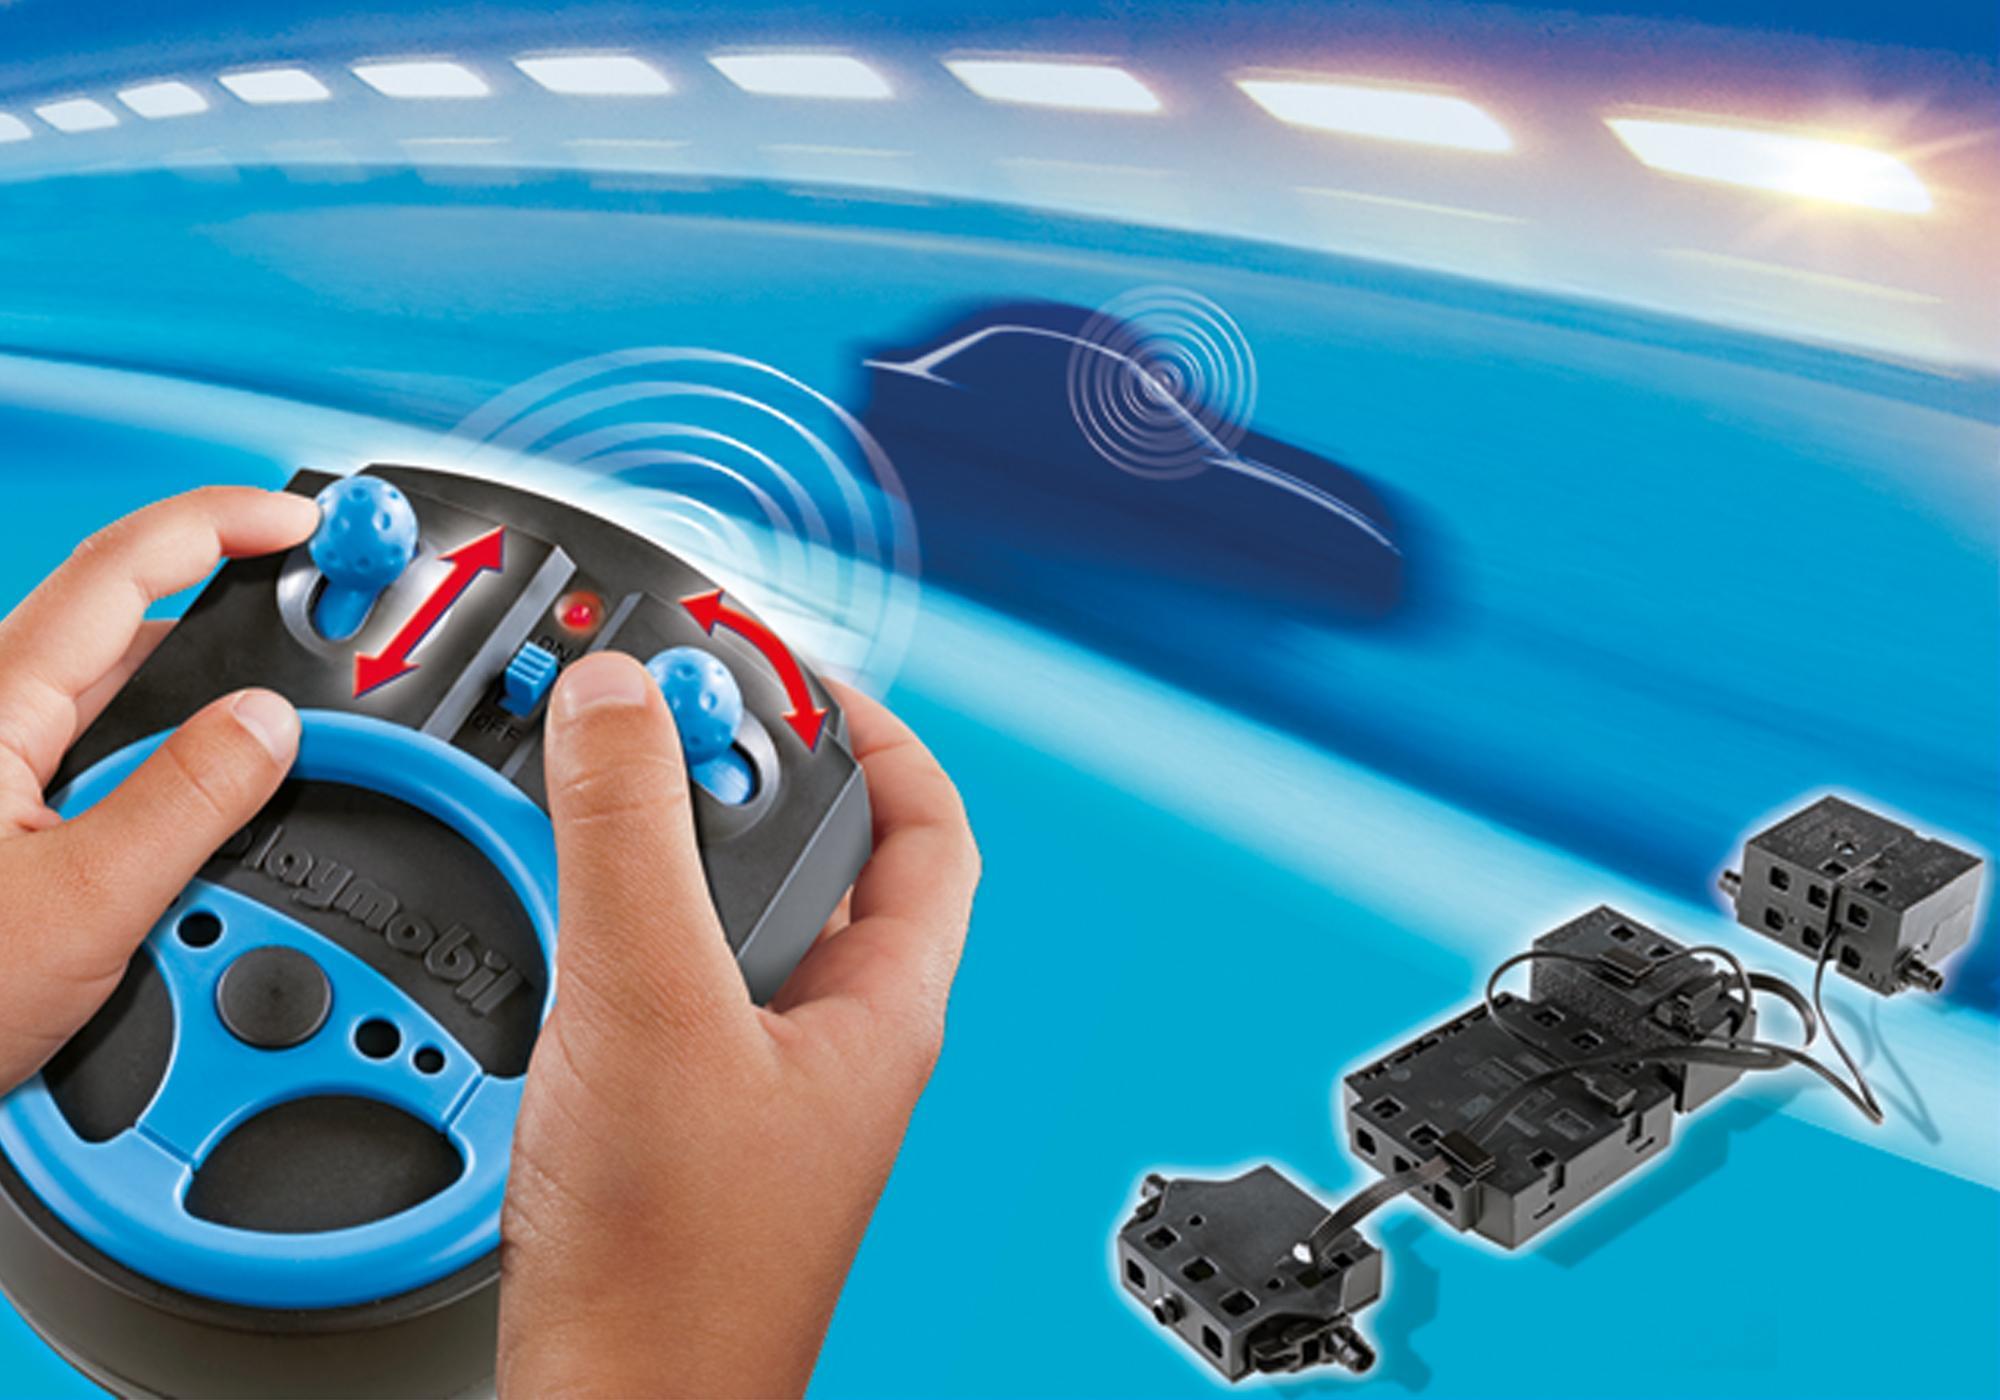 http://media.playmobil.com/i/playmobil/6914_product_extra1/Remote Control Set 2.4GHz